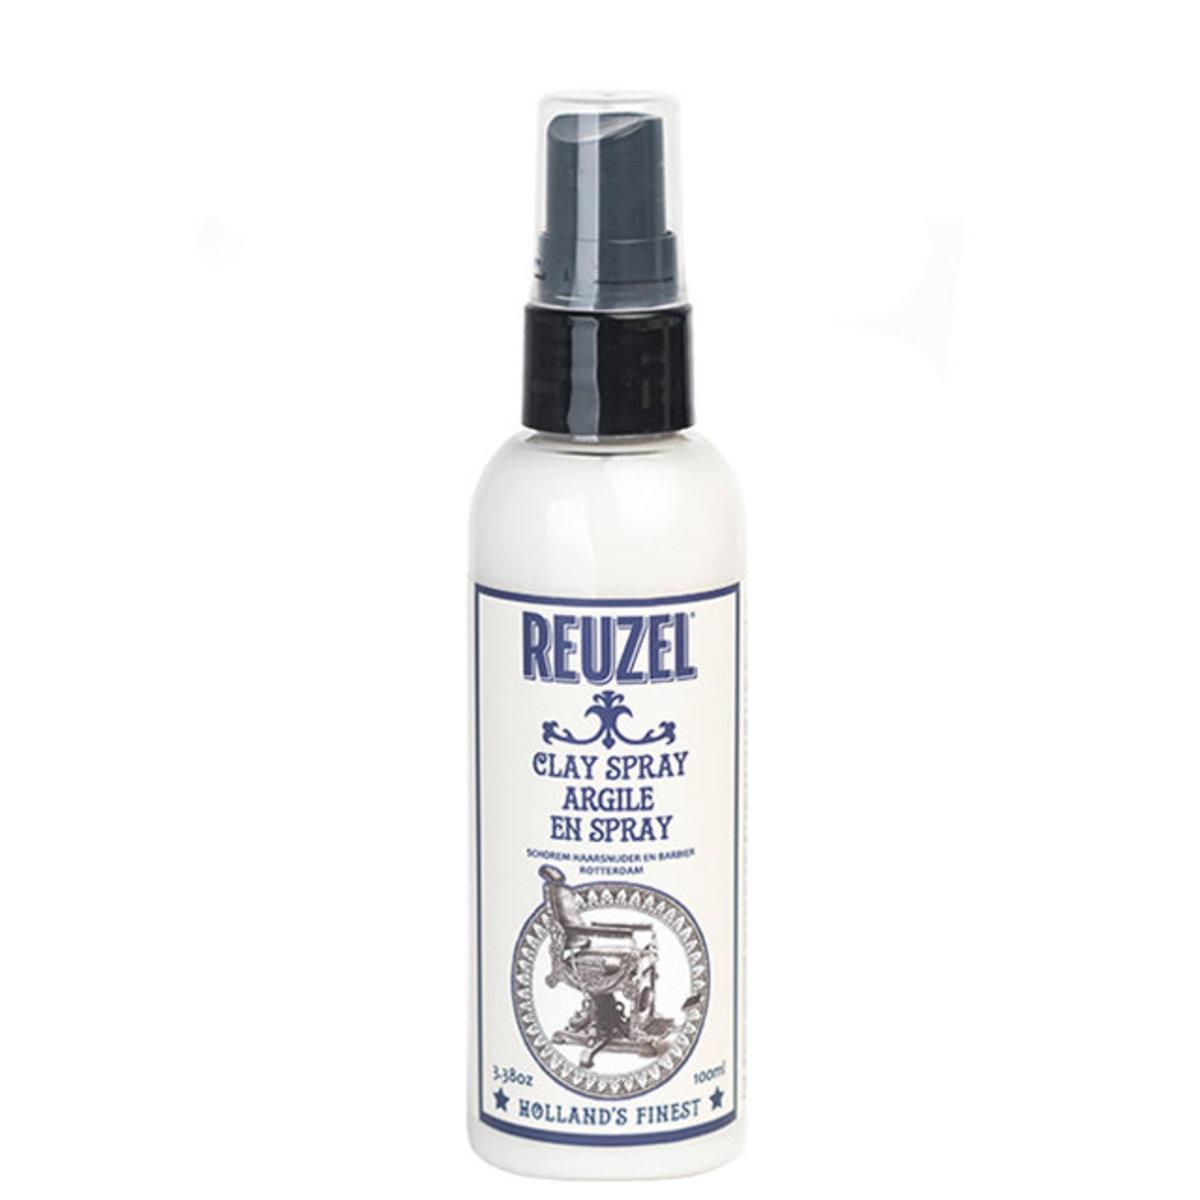 xit-tao-phong-reuzel-clay-spray-100-ml-01